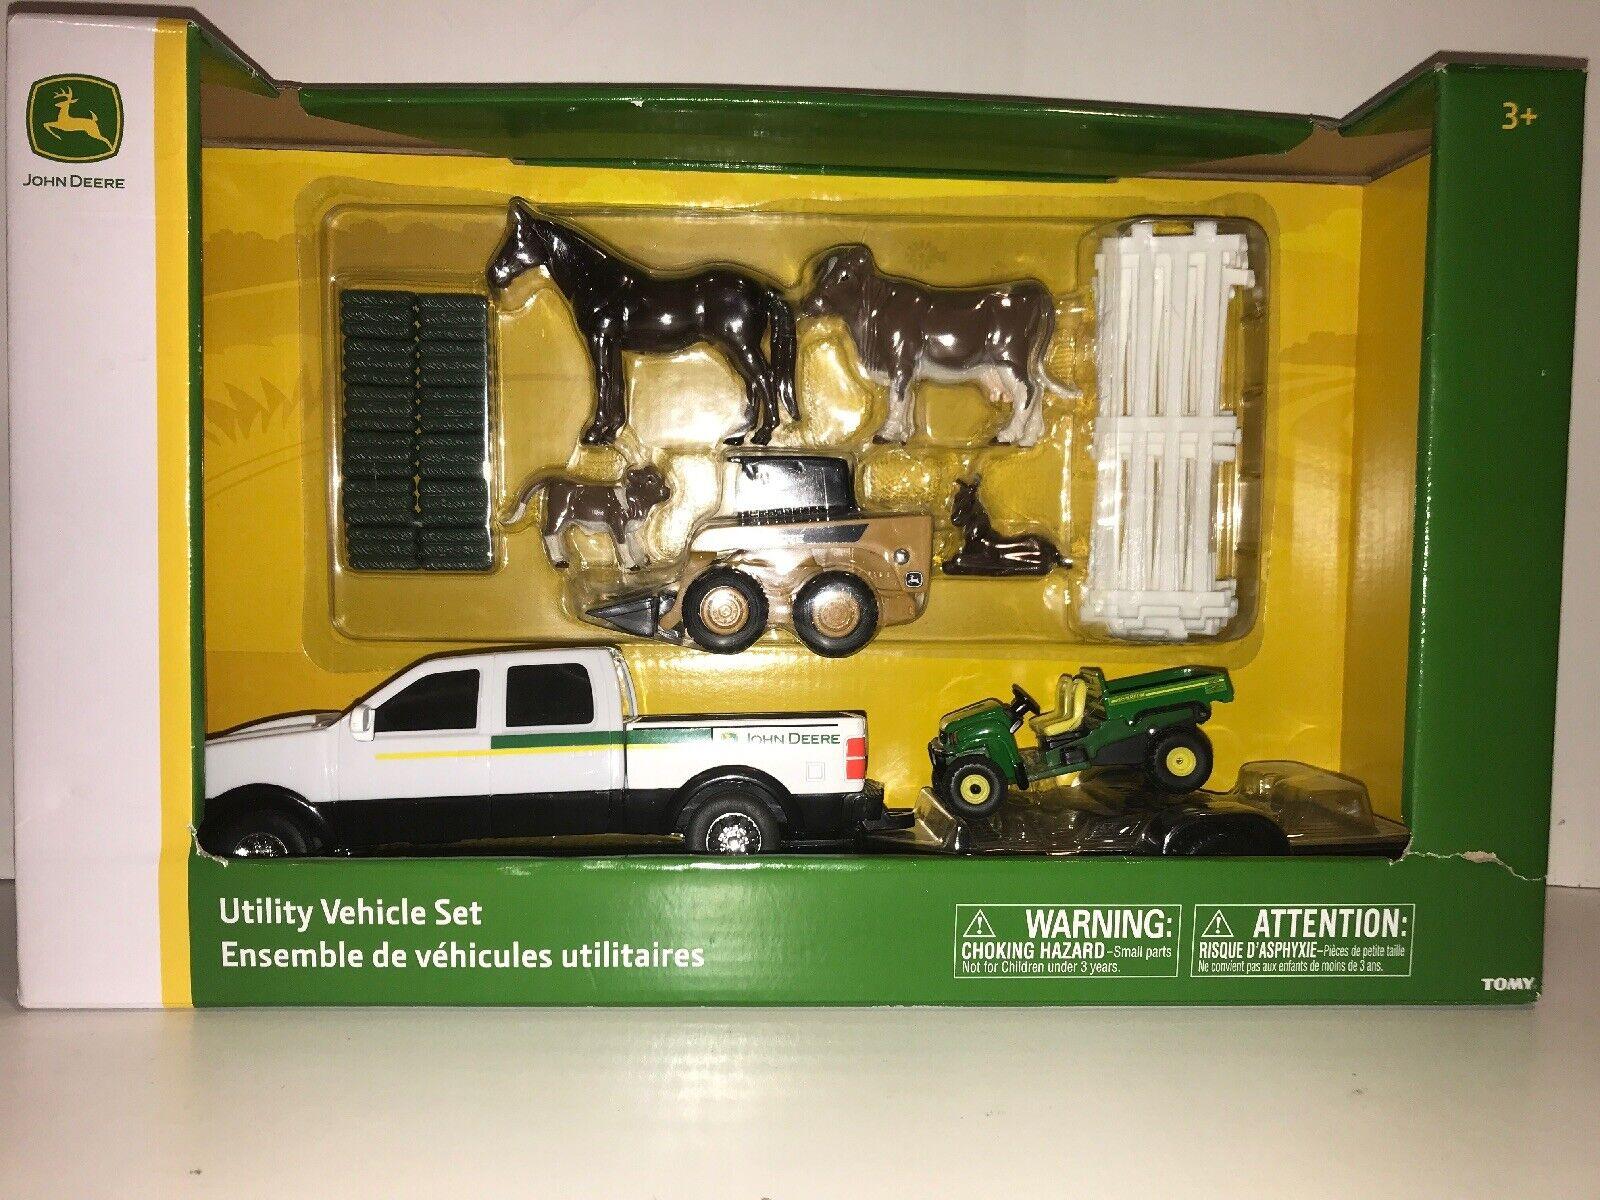 calidad oficial Nuevo Recolección conjunto de vehículo utilitario John John John Deere Gator Skidsteer edades 3+ LP68179 Animal  más descuento